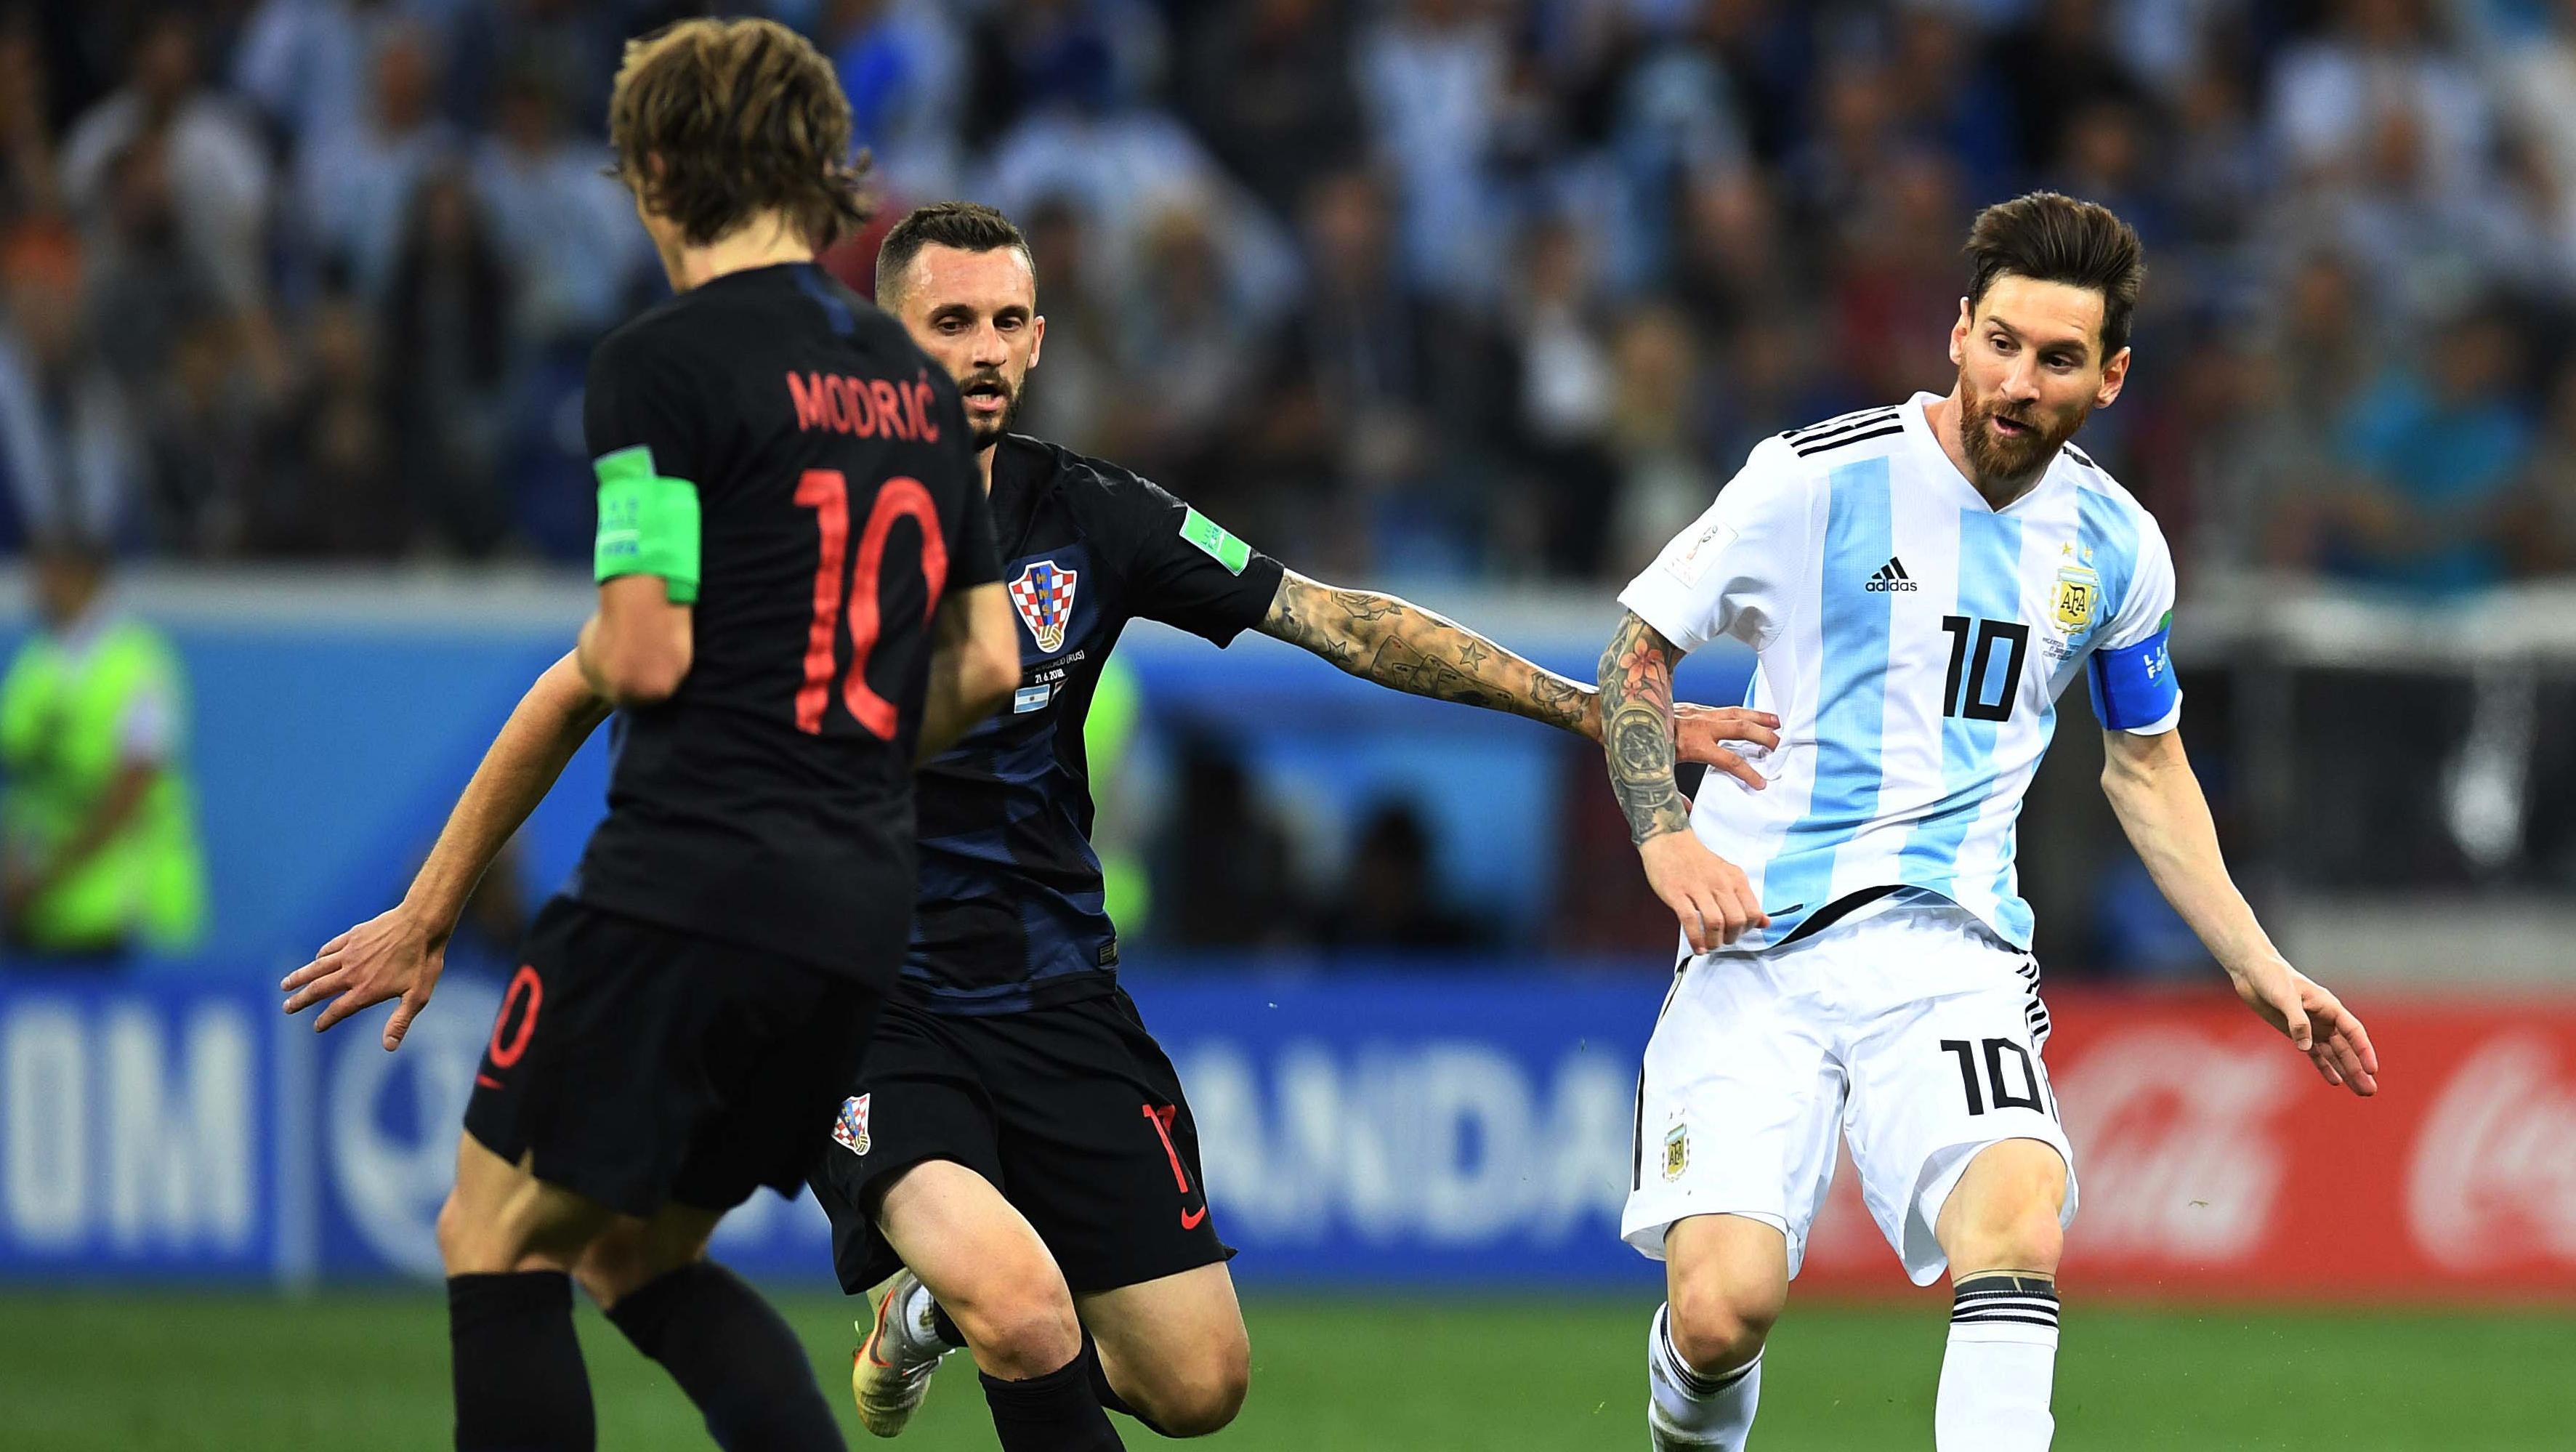 Messi tampoco aportó y estuvo ausente.